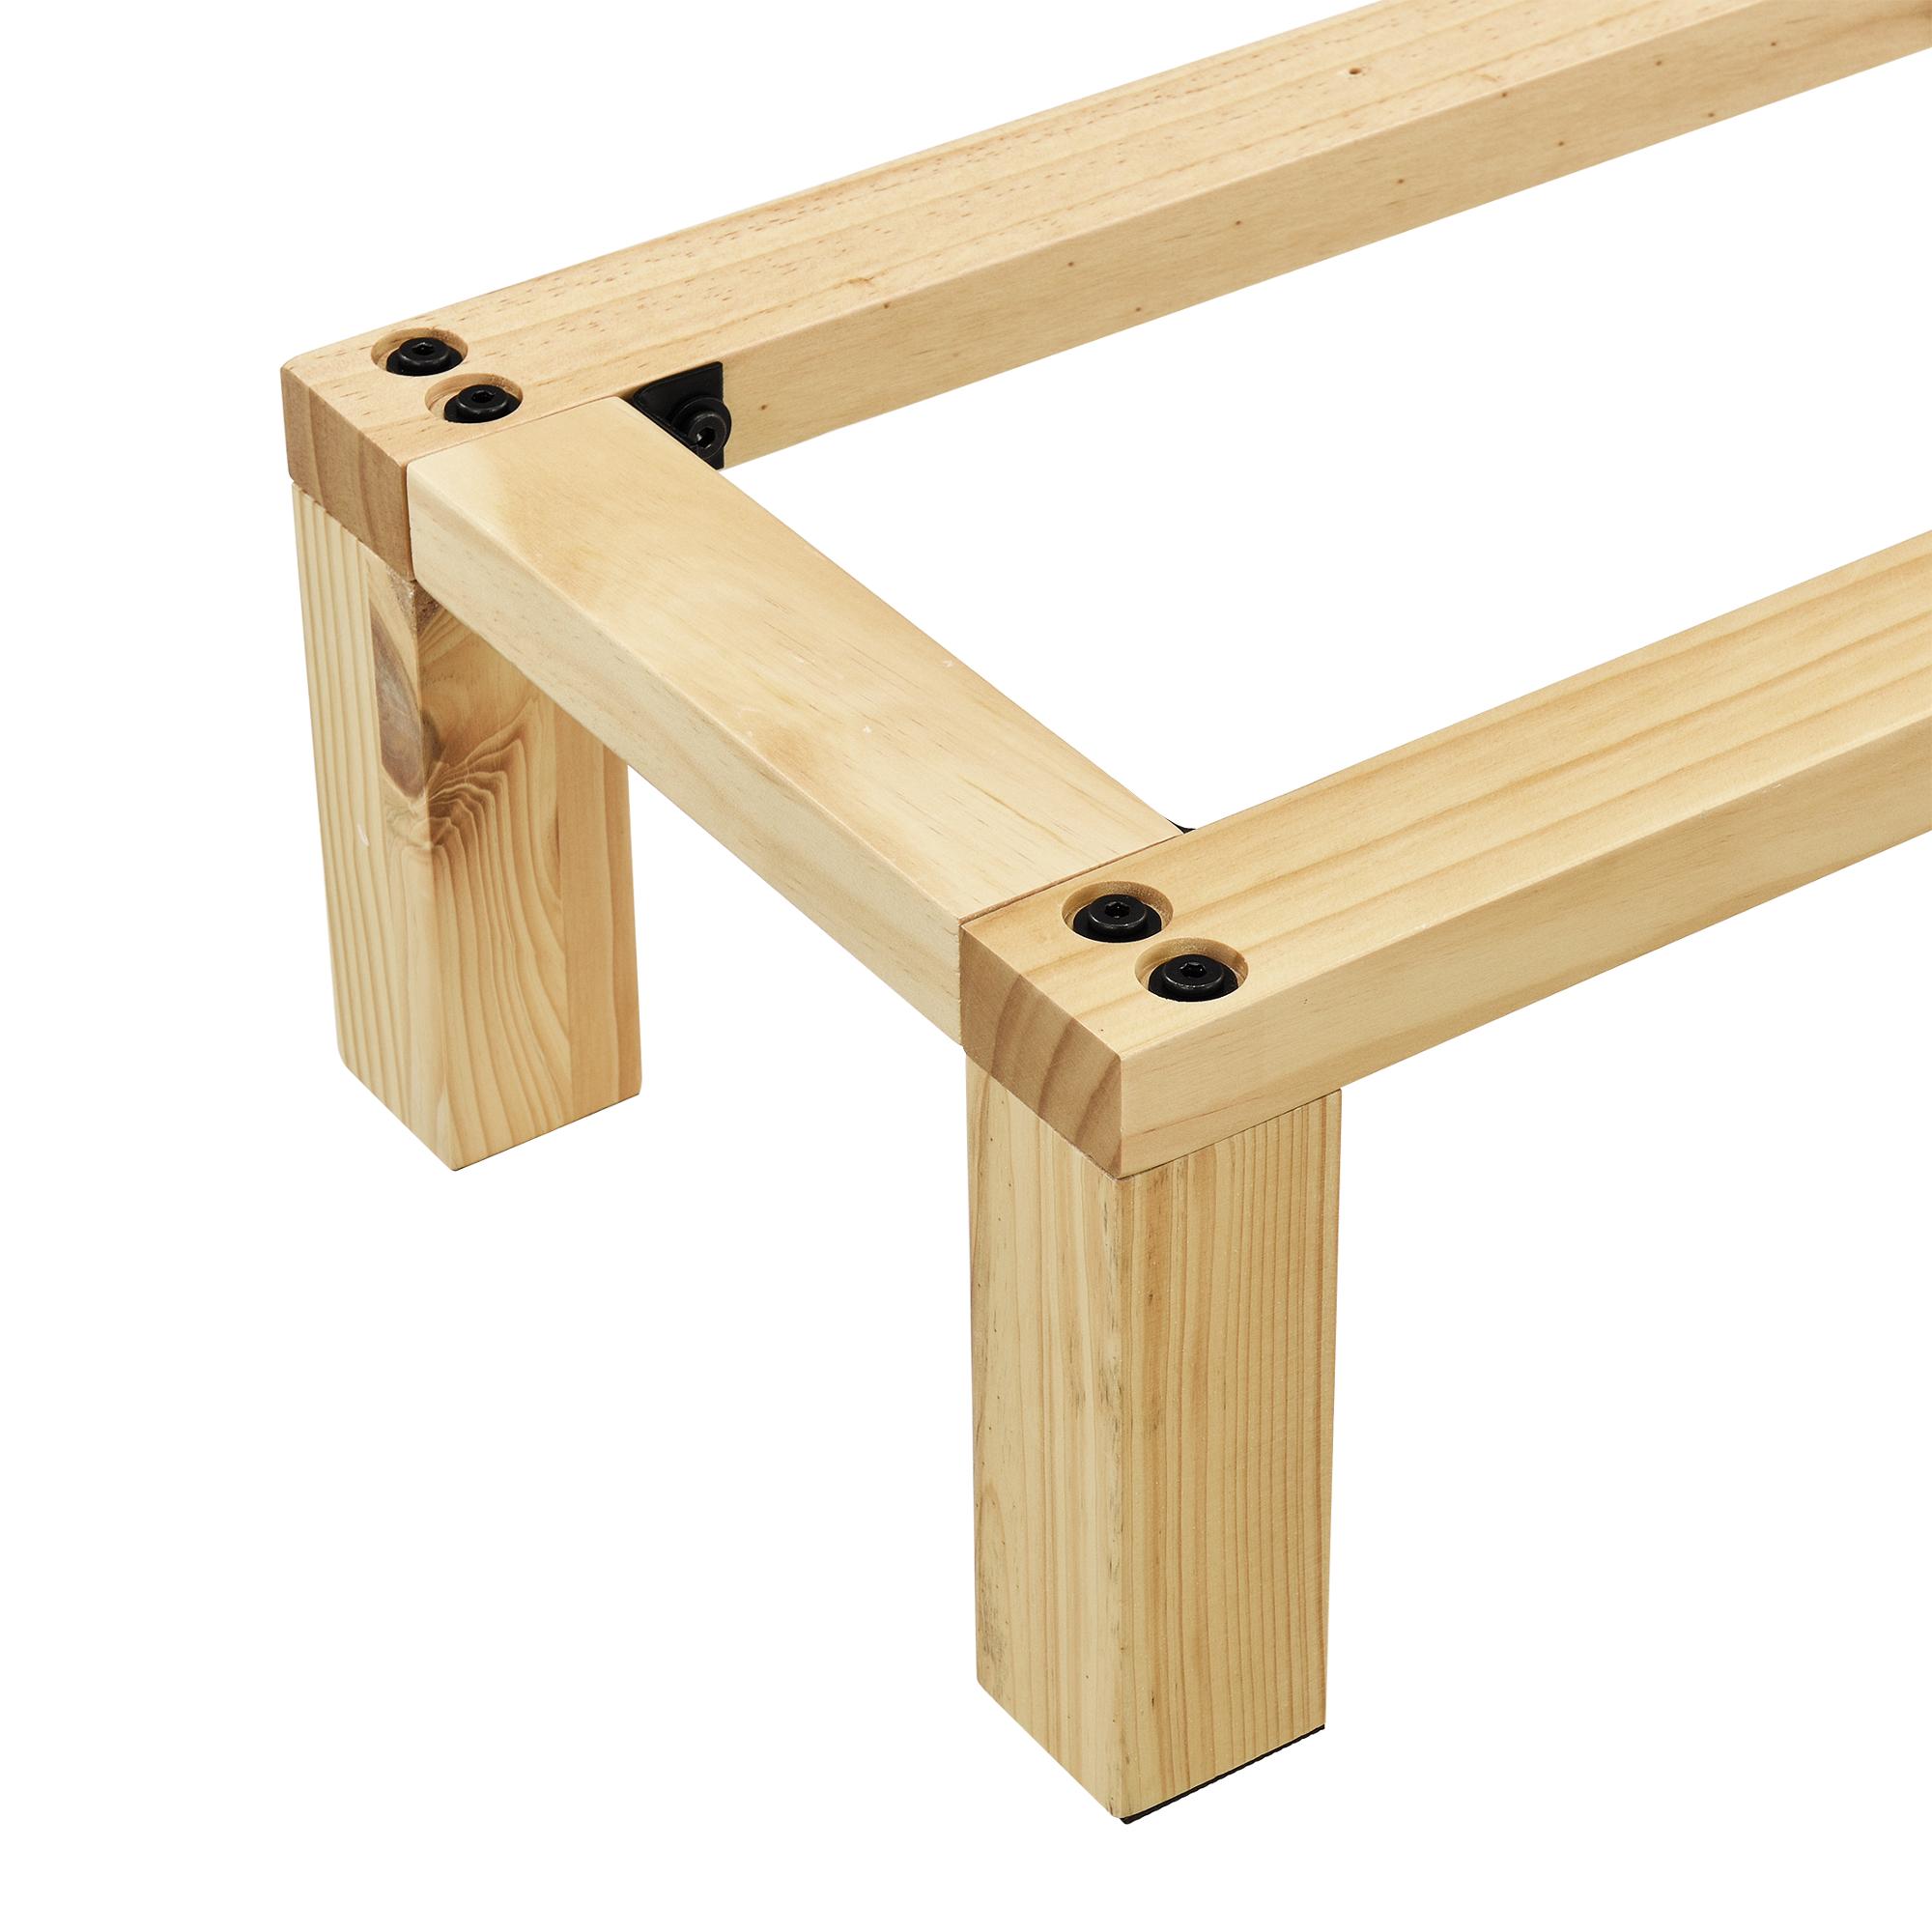 en.casa]® regalgestell 130x30x18cm gestell kommode sideboard